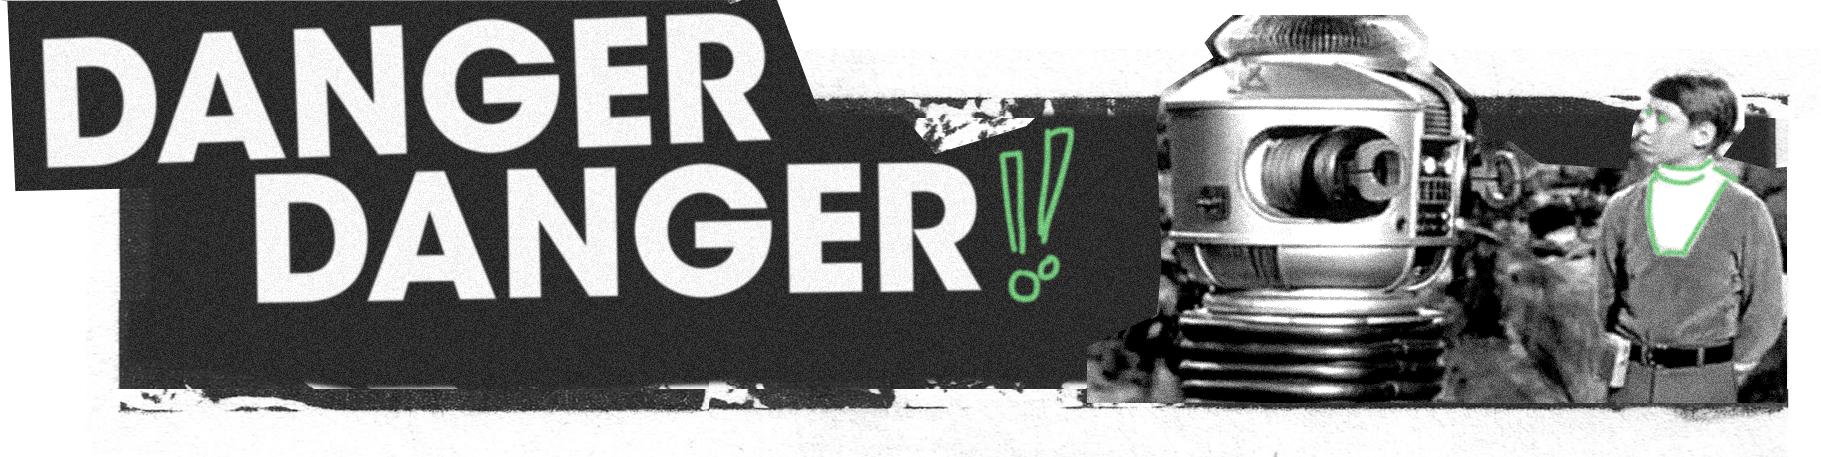 Blog-1-danger.jpg